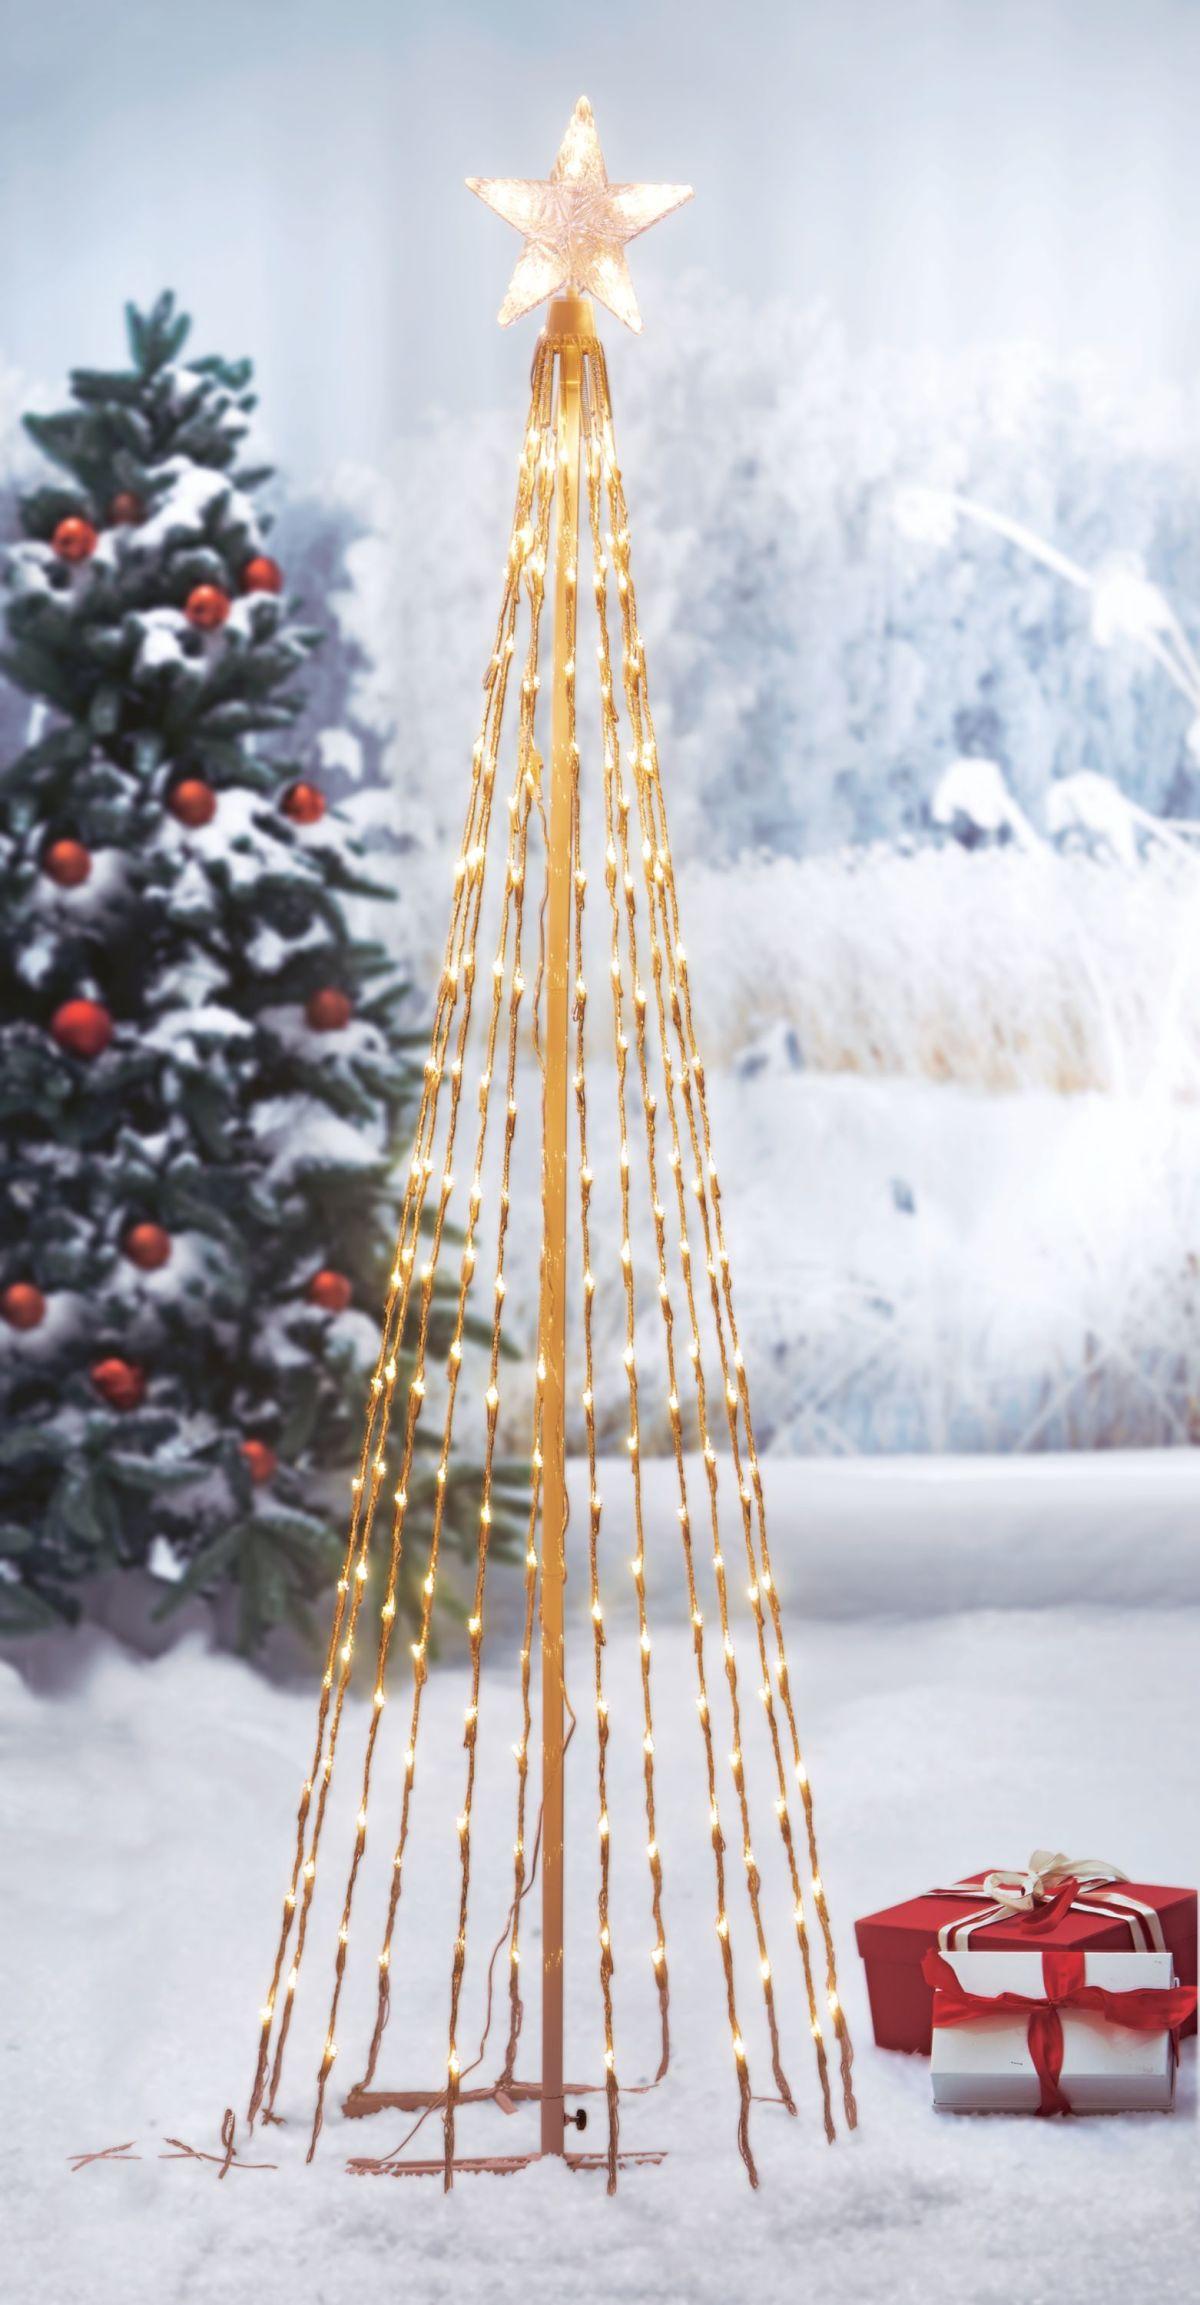 led lichterbaum schneefall outdoorgeeignet metall kunststoff ca h194 cm einfach geschenke. Black Bedroom Furniture Sets. Home Design Ideas